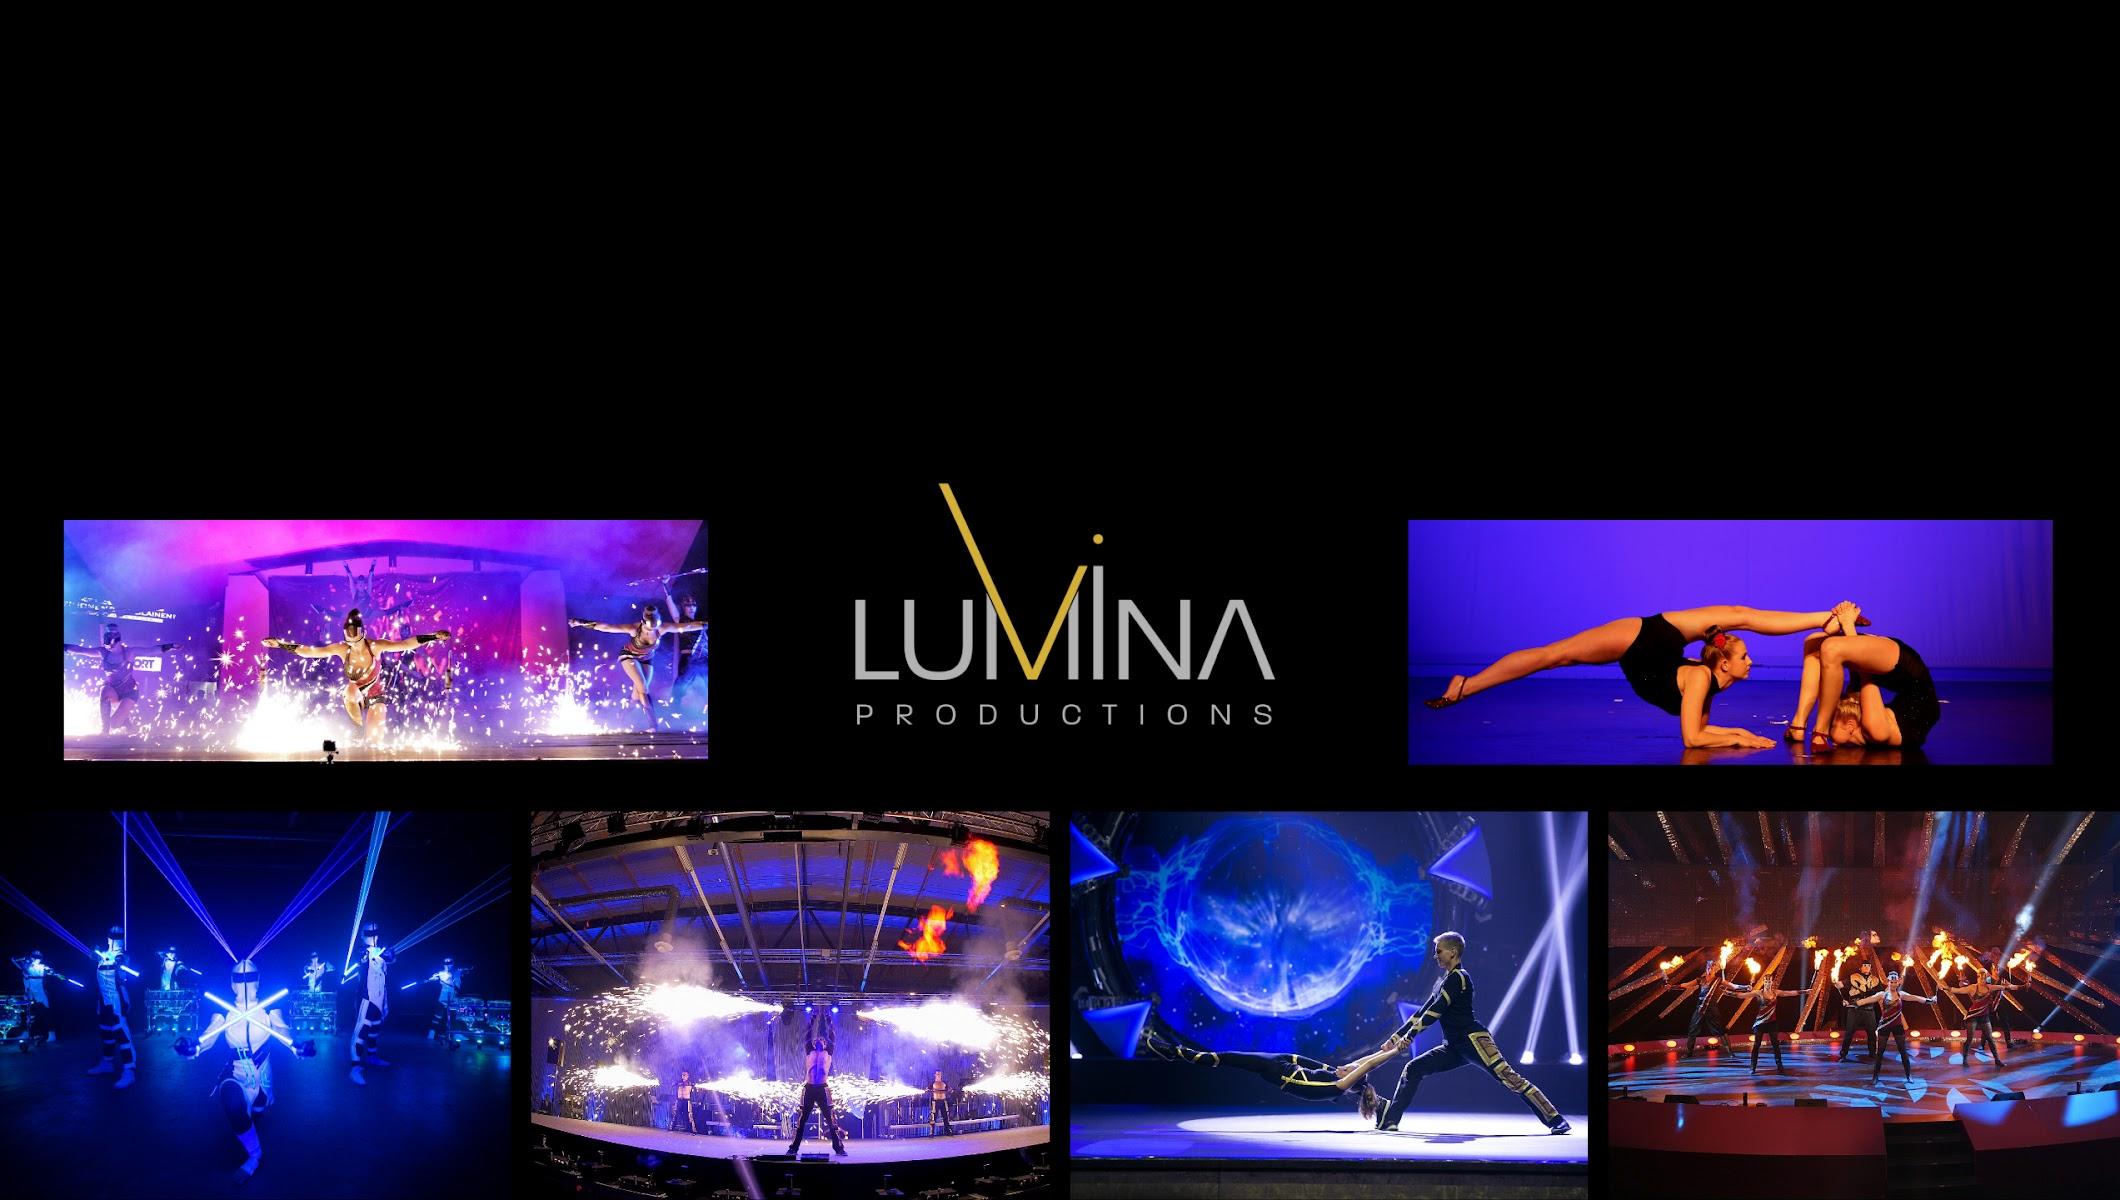 Lumina Productions